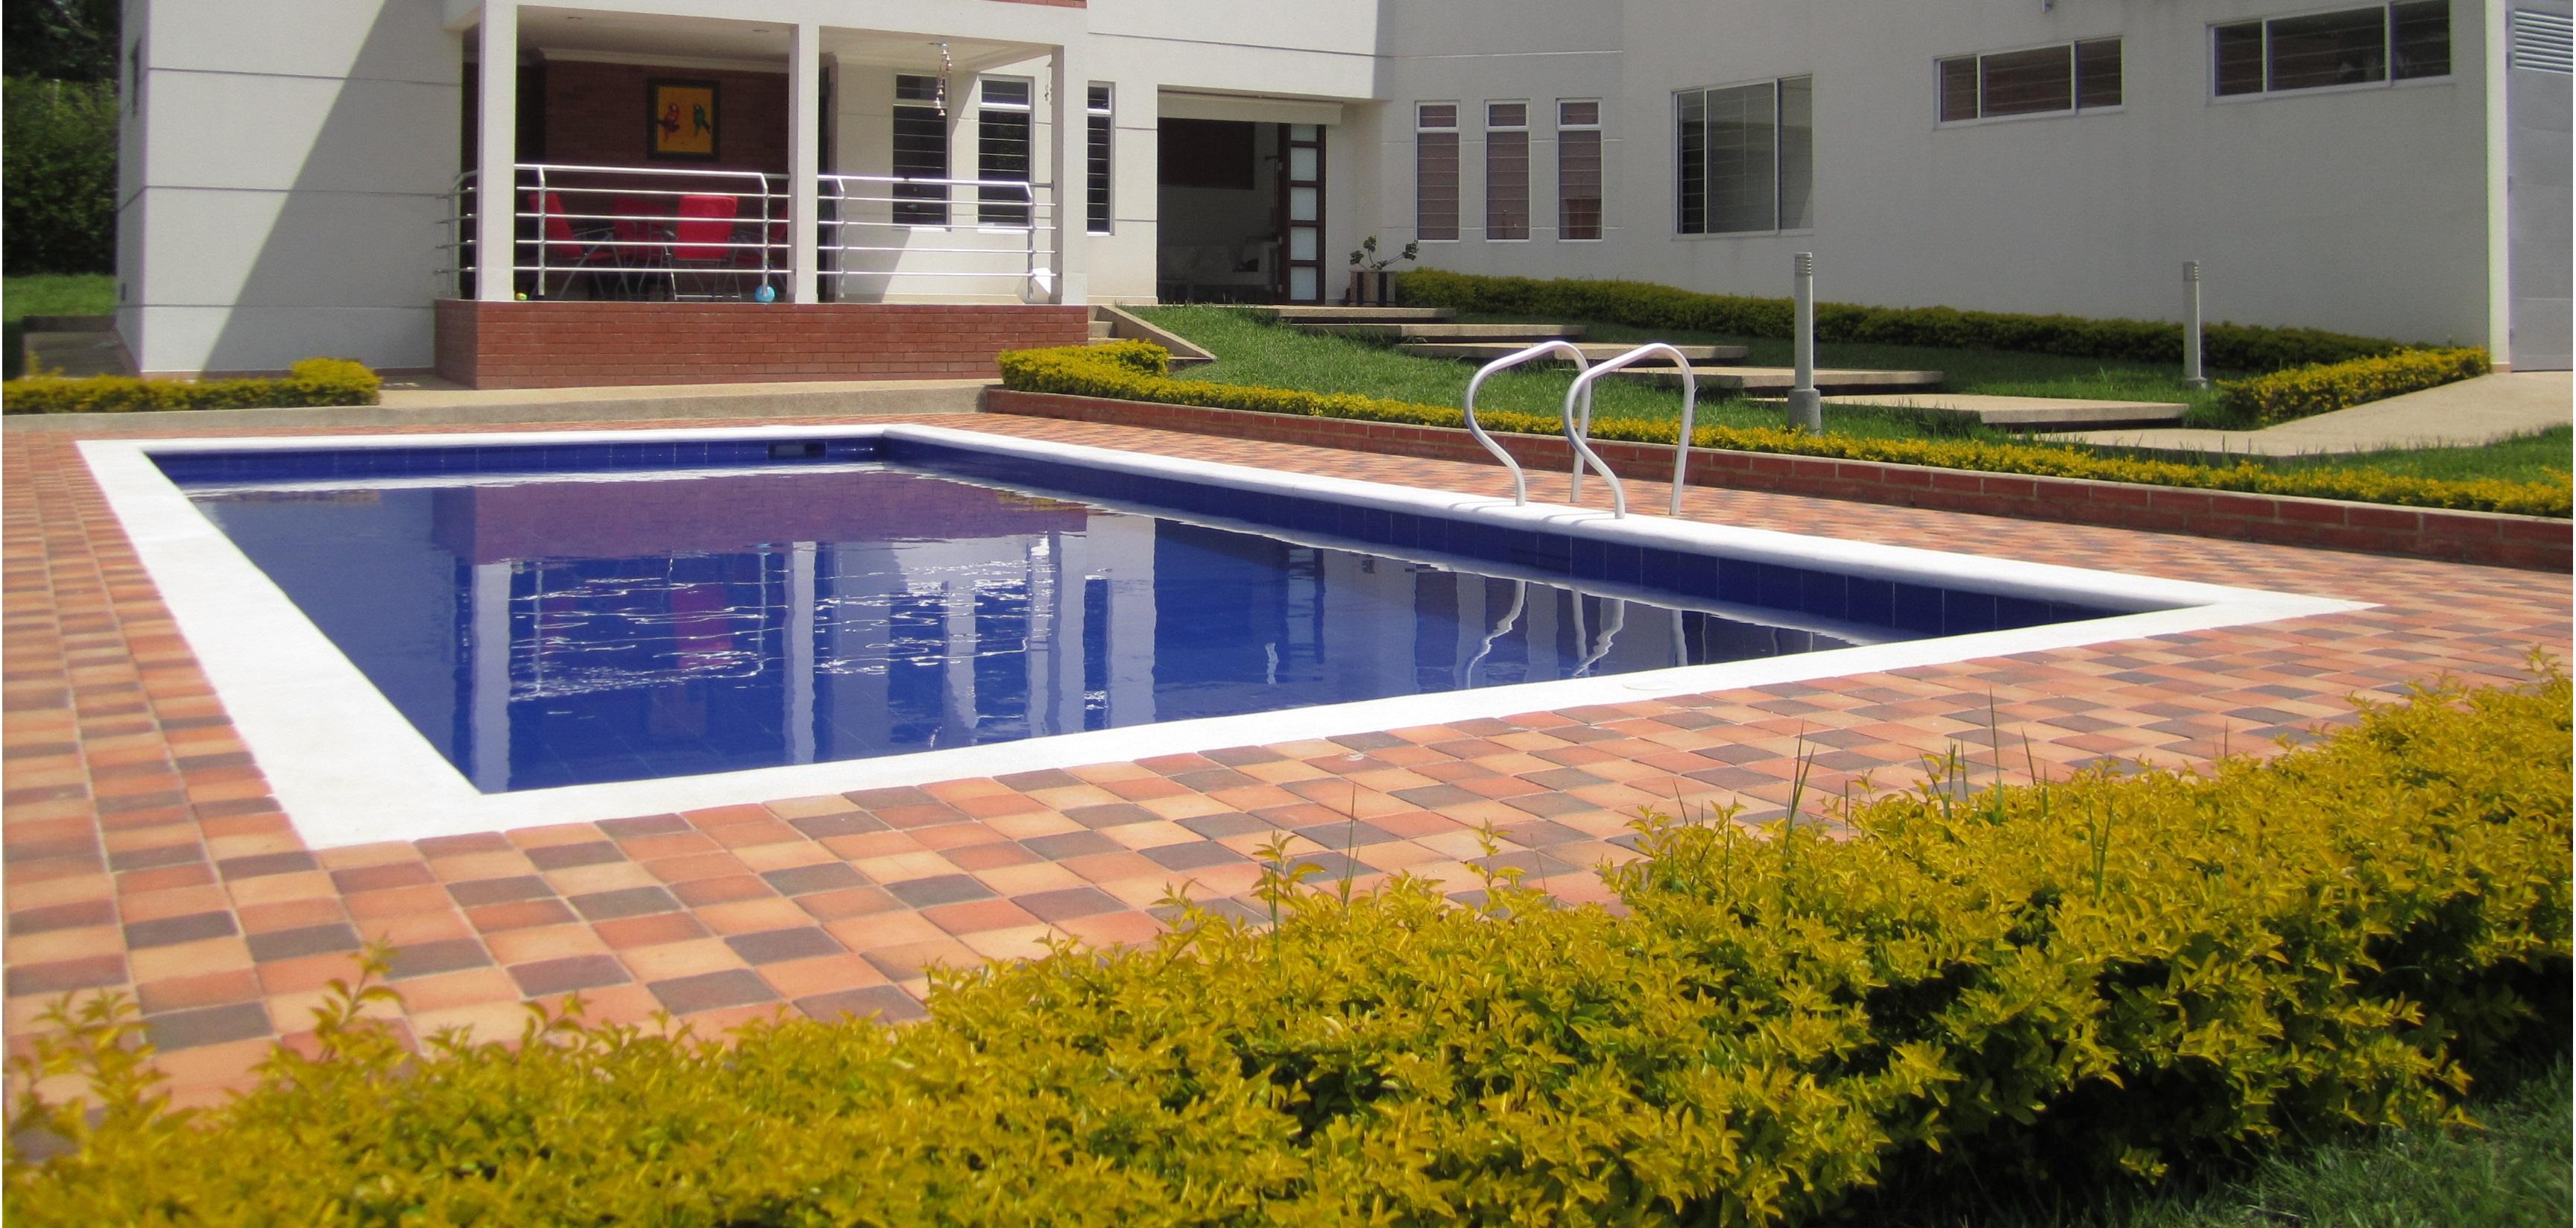 Normas de seguridad en piscinas ley 1209 de 2008 abc for Normas de piscina